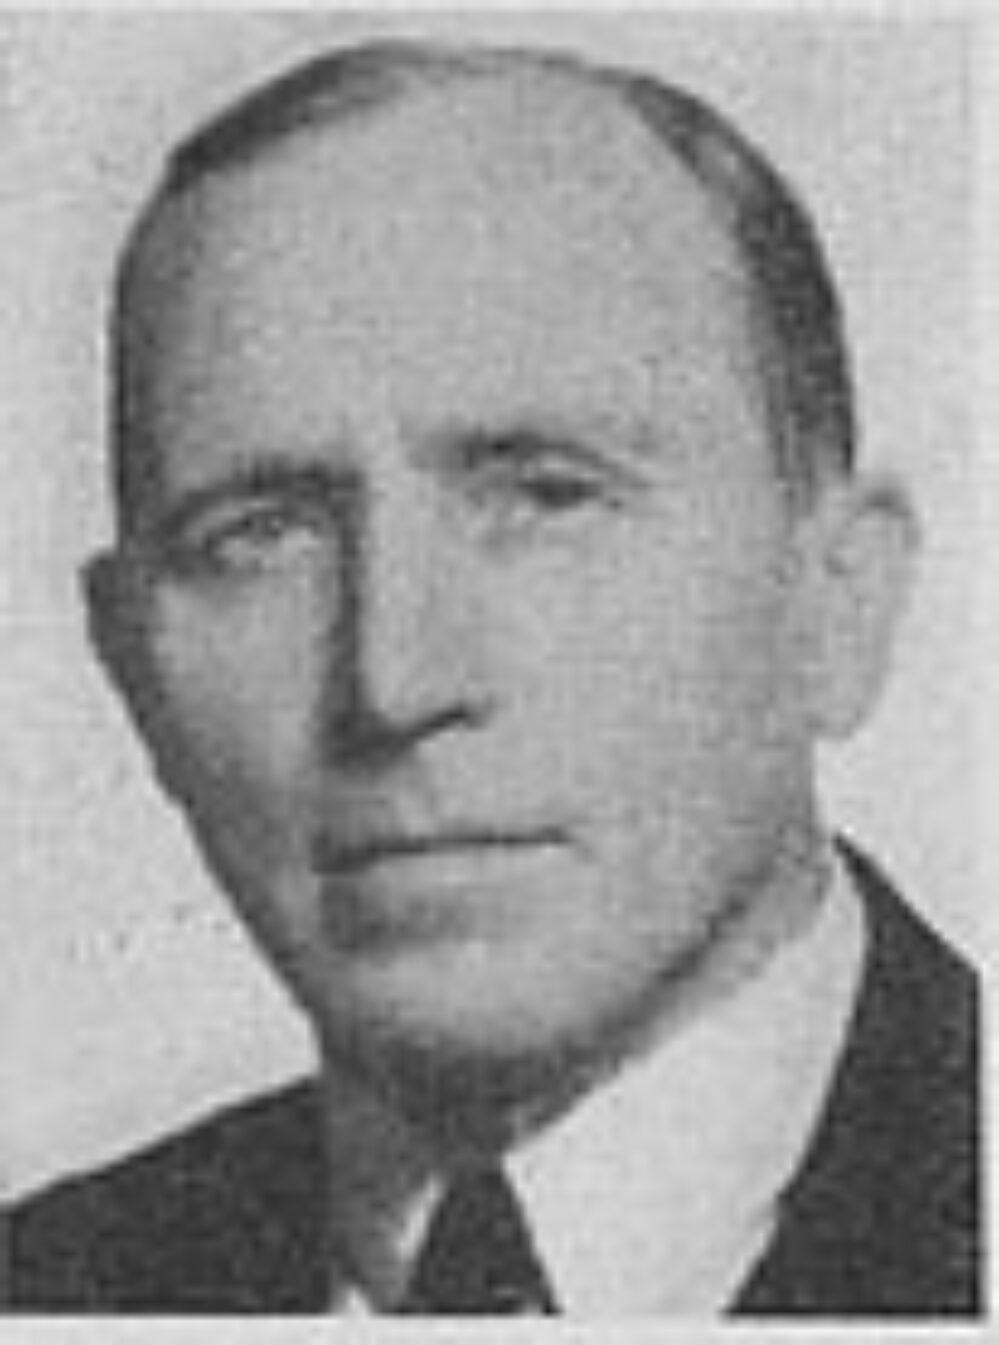 Peder Johan Jansen